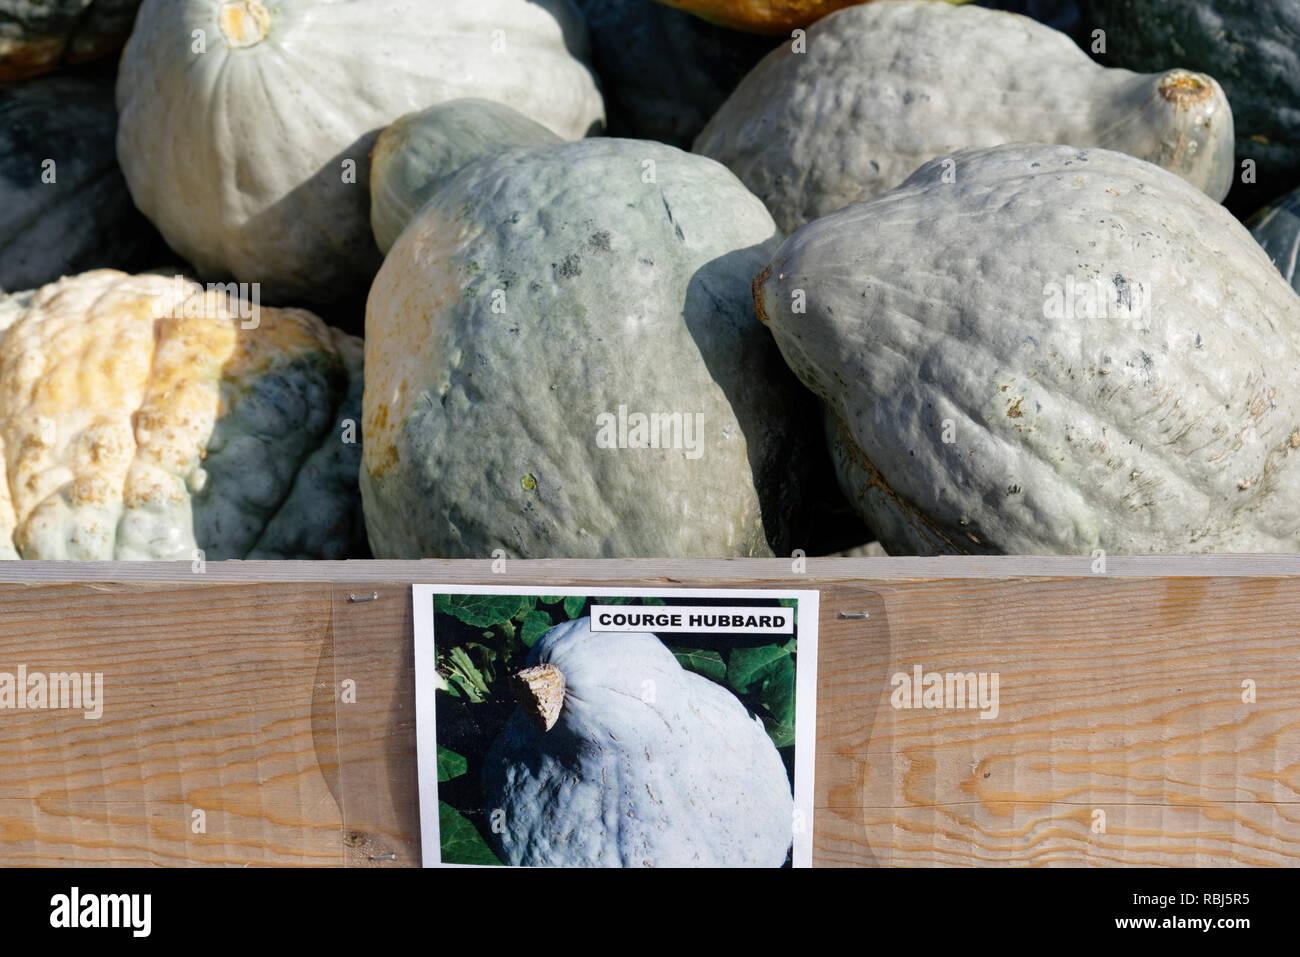 Una caja conteniendo Hubbard squash para la venta en una granja de Quebec Imagen De Stock